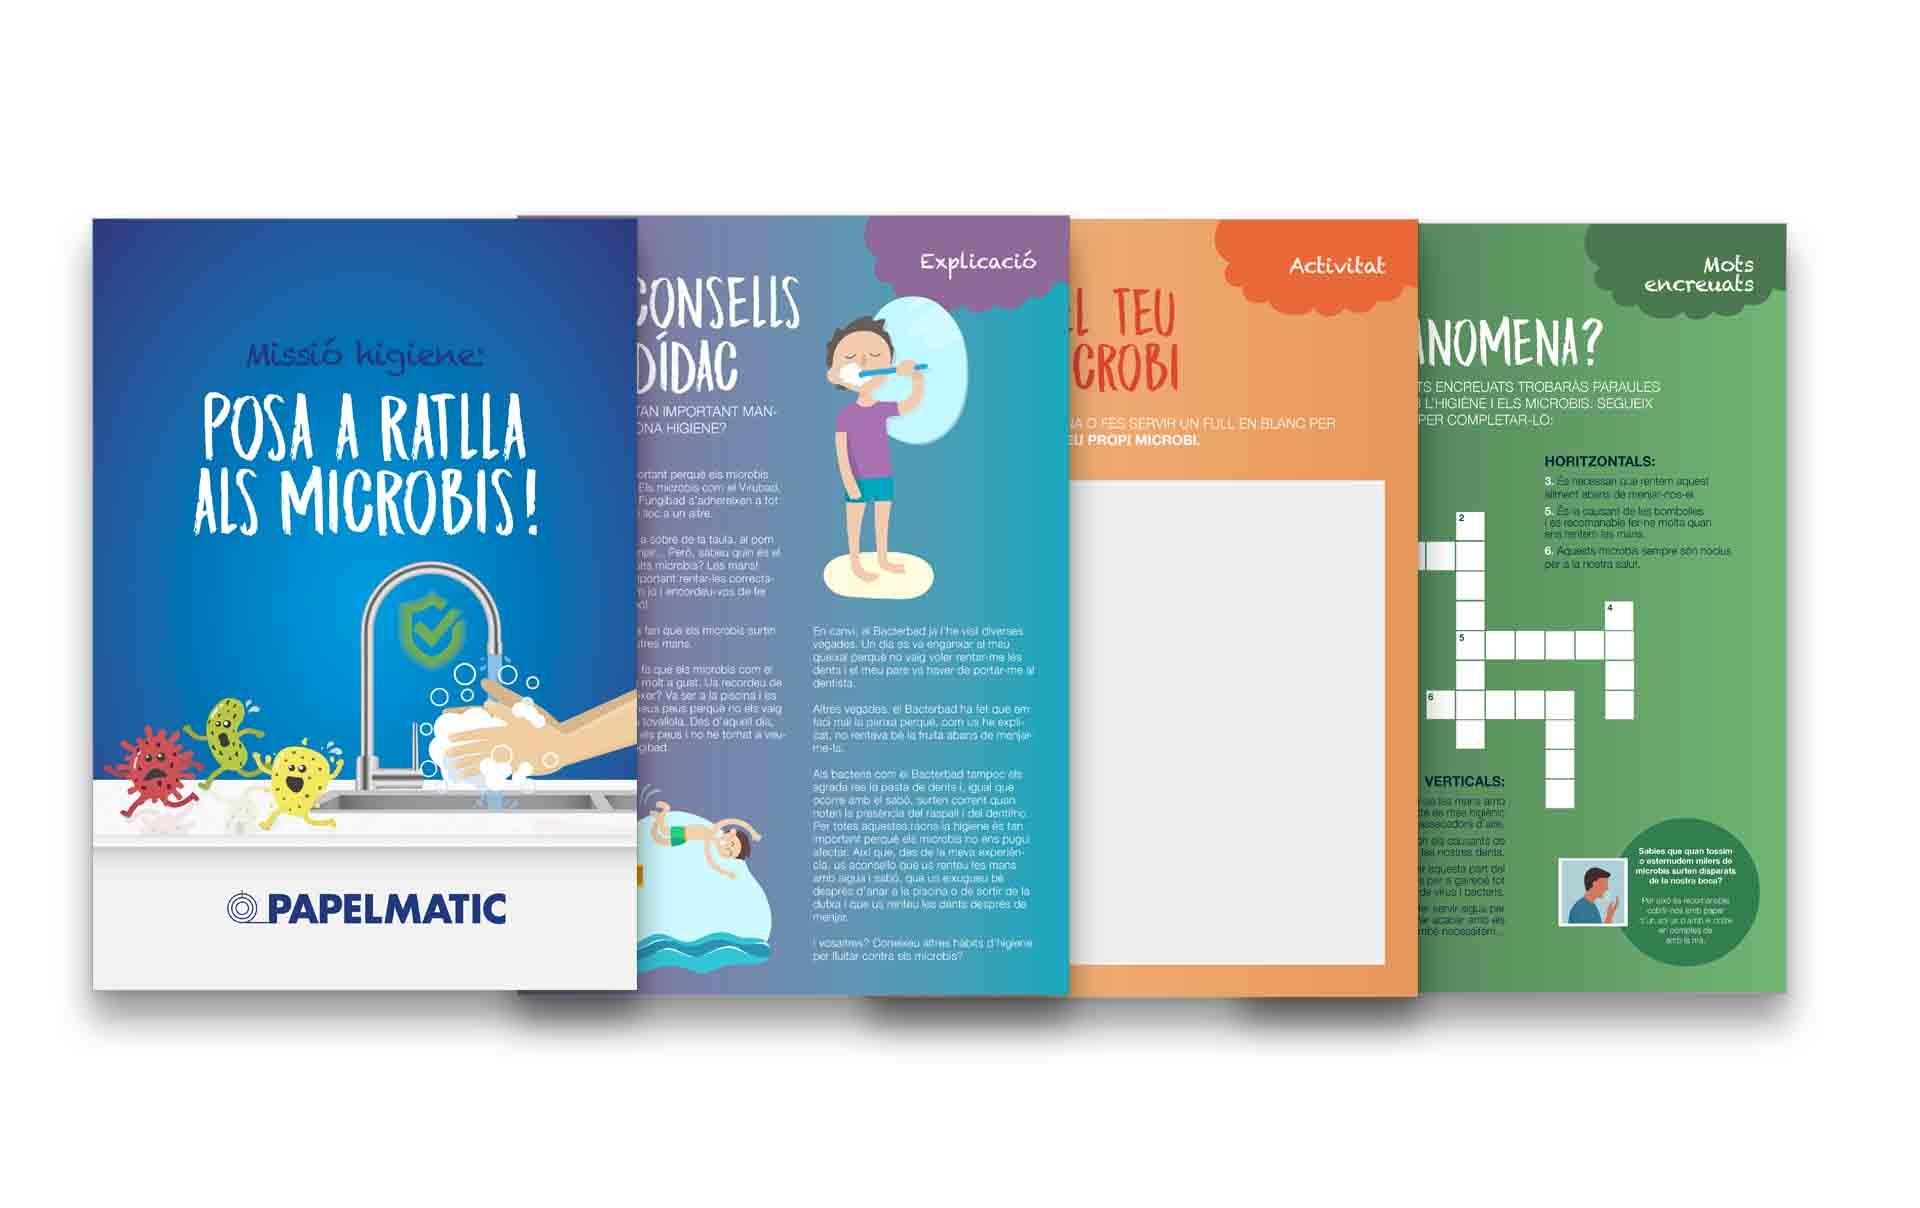 papelmatic-higiene-profesional-guia-higiene-colegios-cat